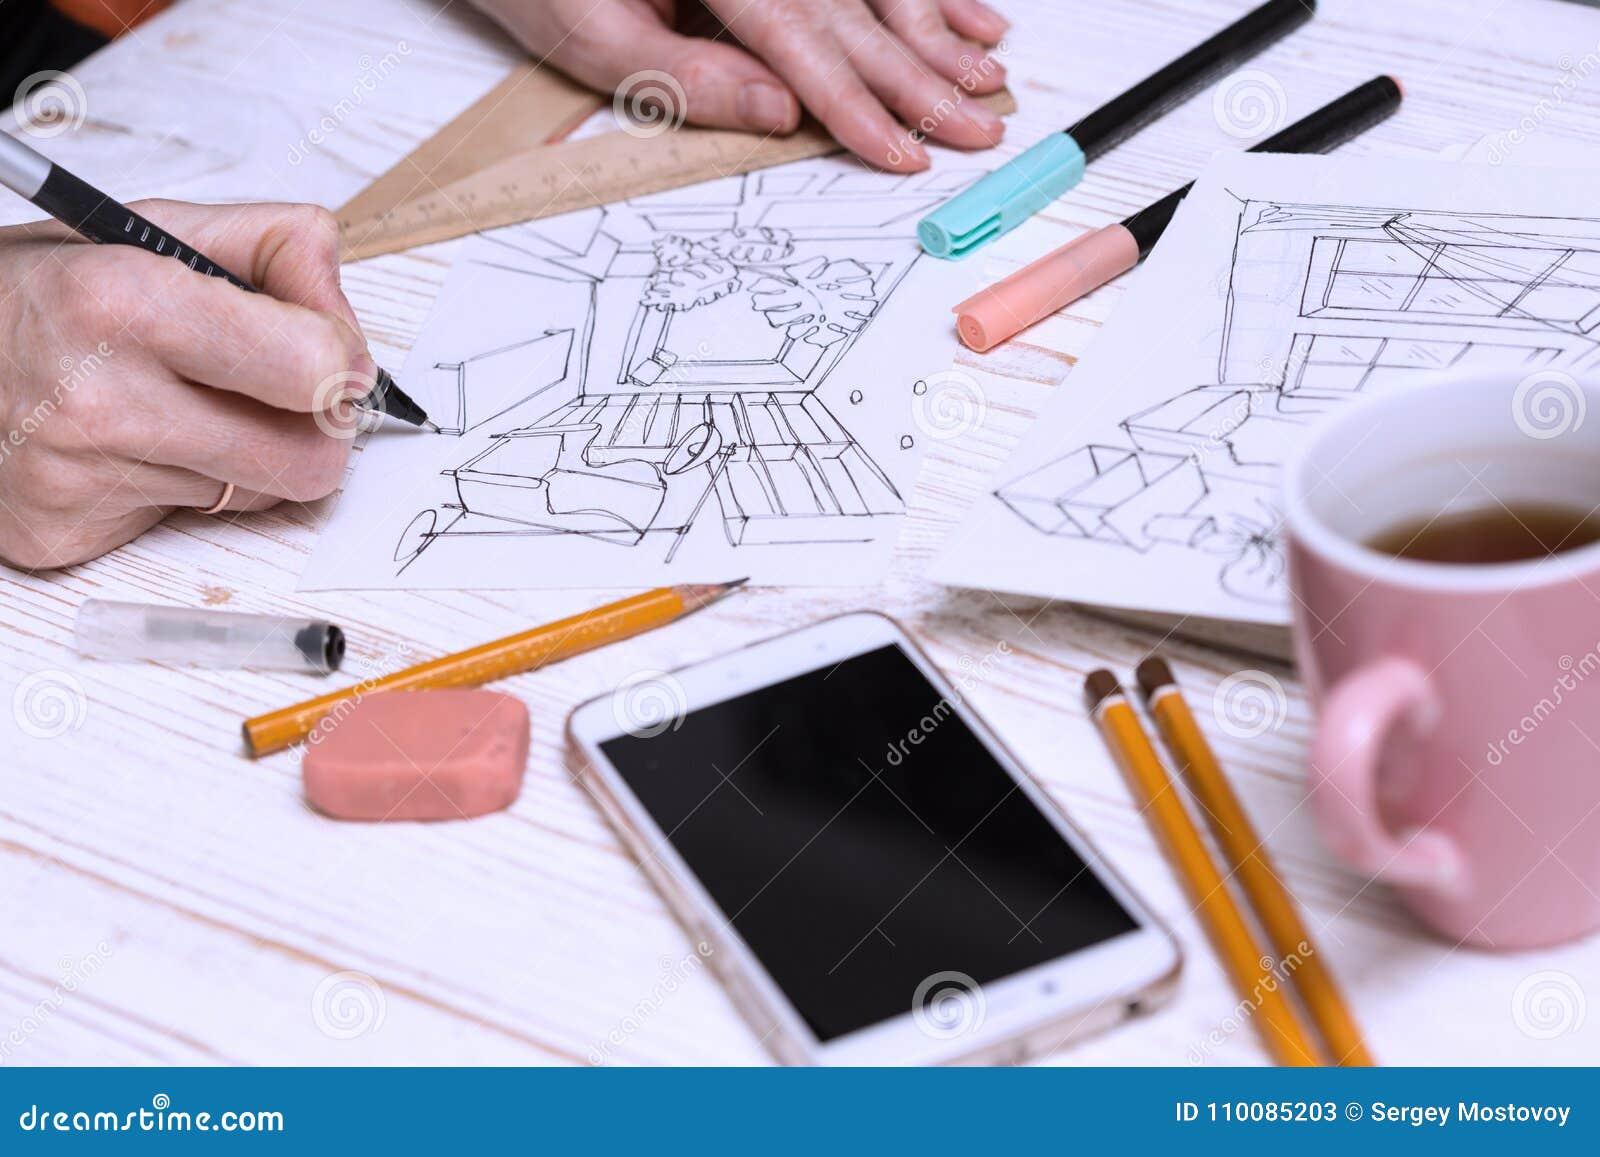 De ontwerper maakt een schets van het binnenland